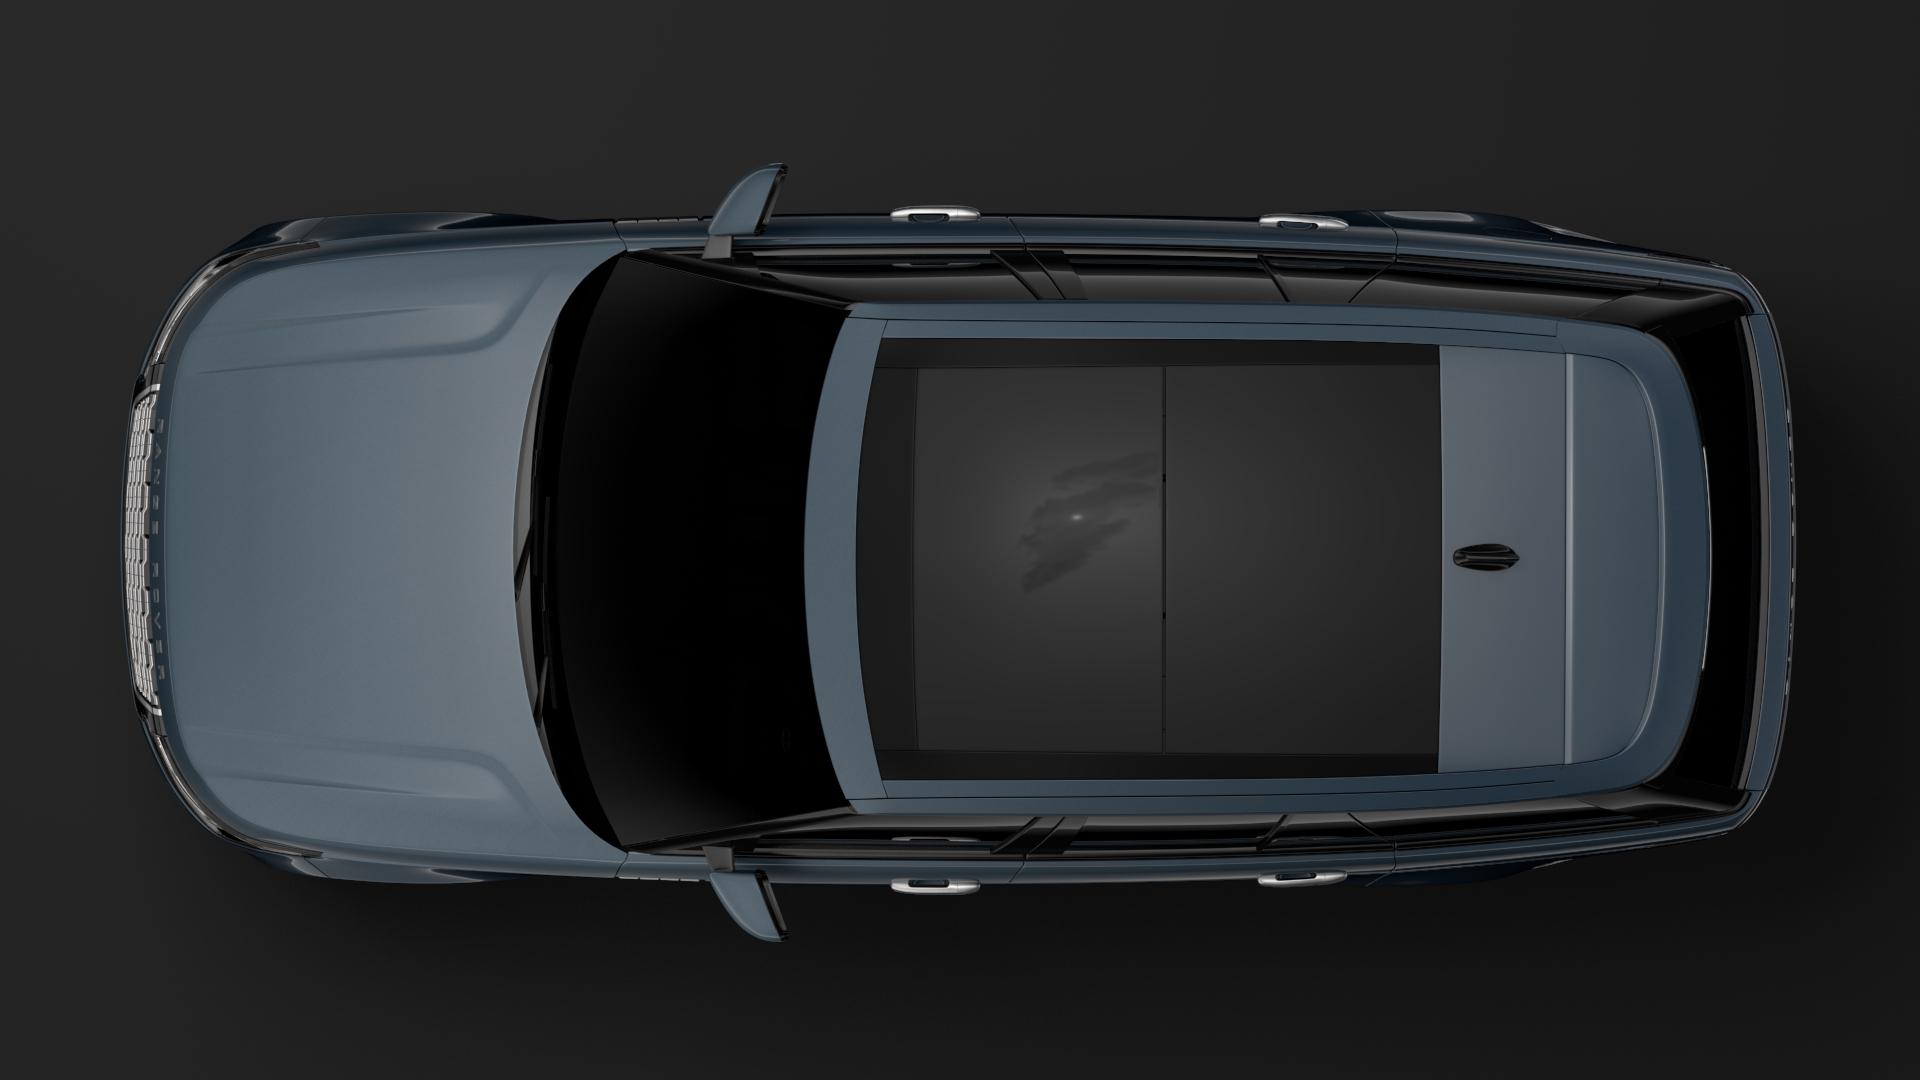 range rover autobiography (l405) 2018 3d model max fbx c4d lwo ma mb hrc xsi obj 278053